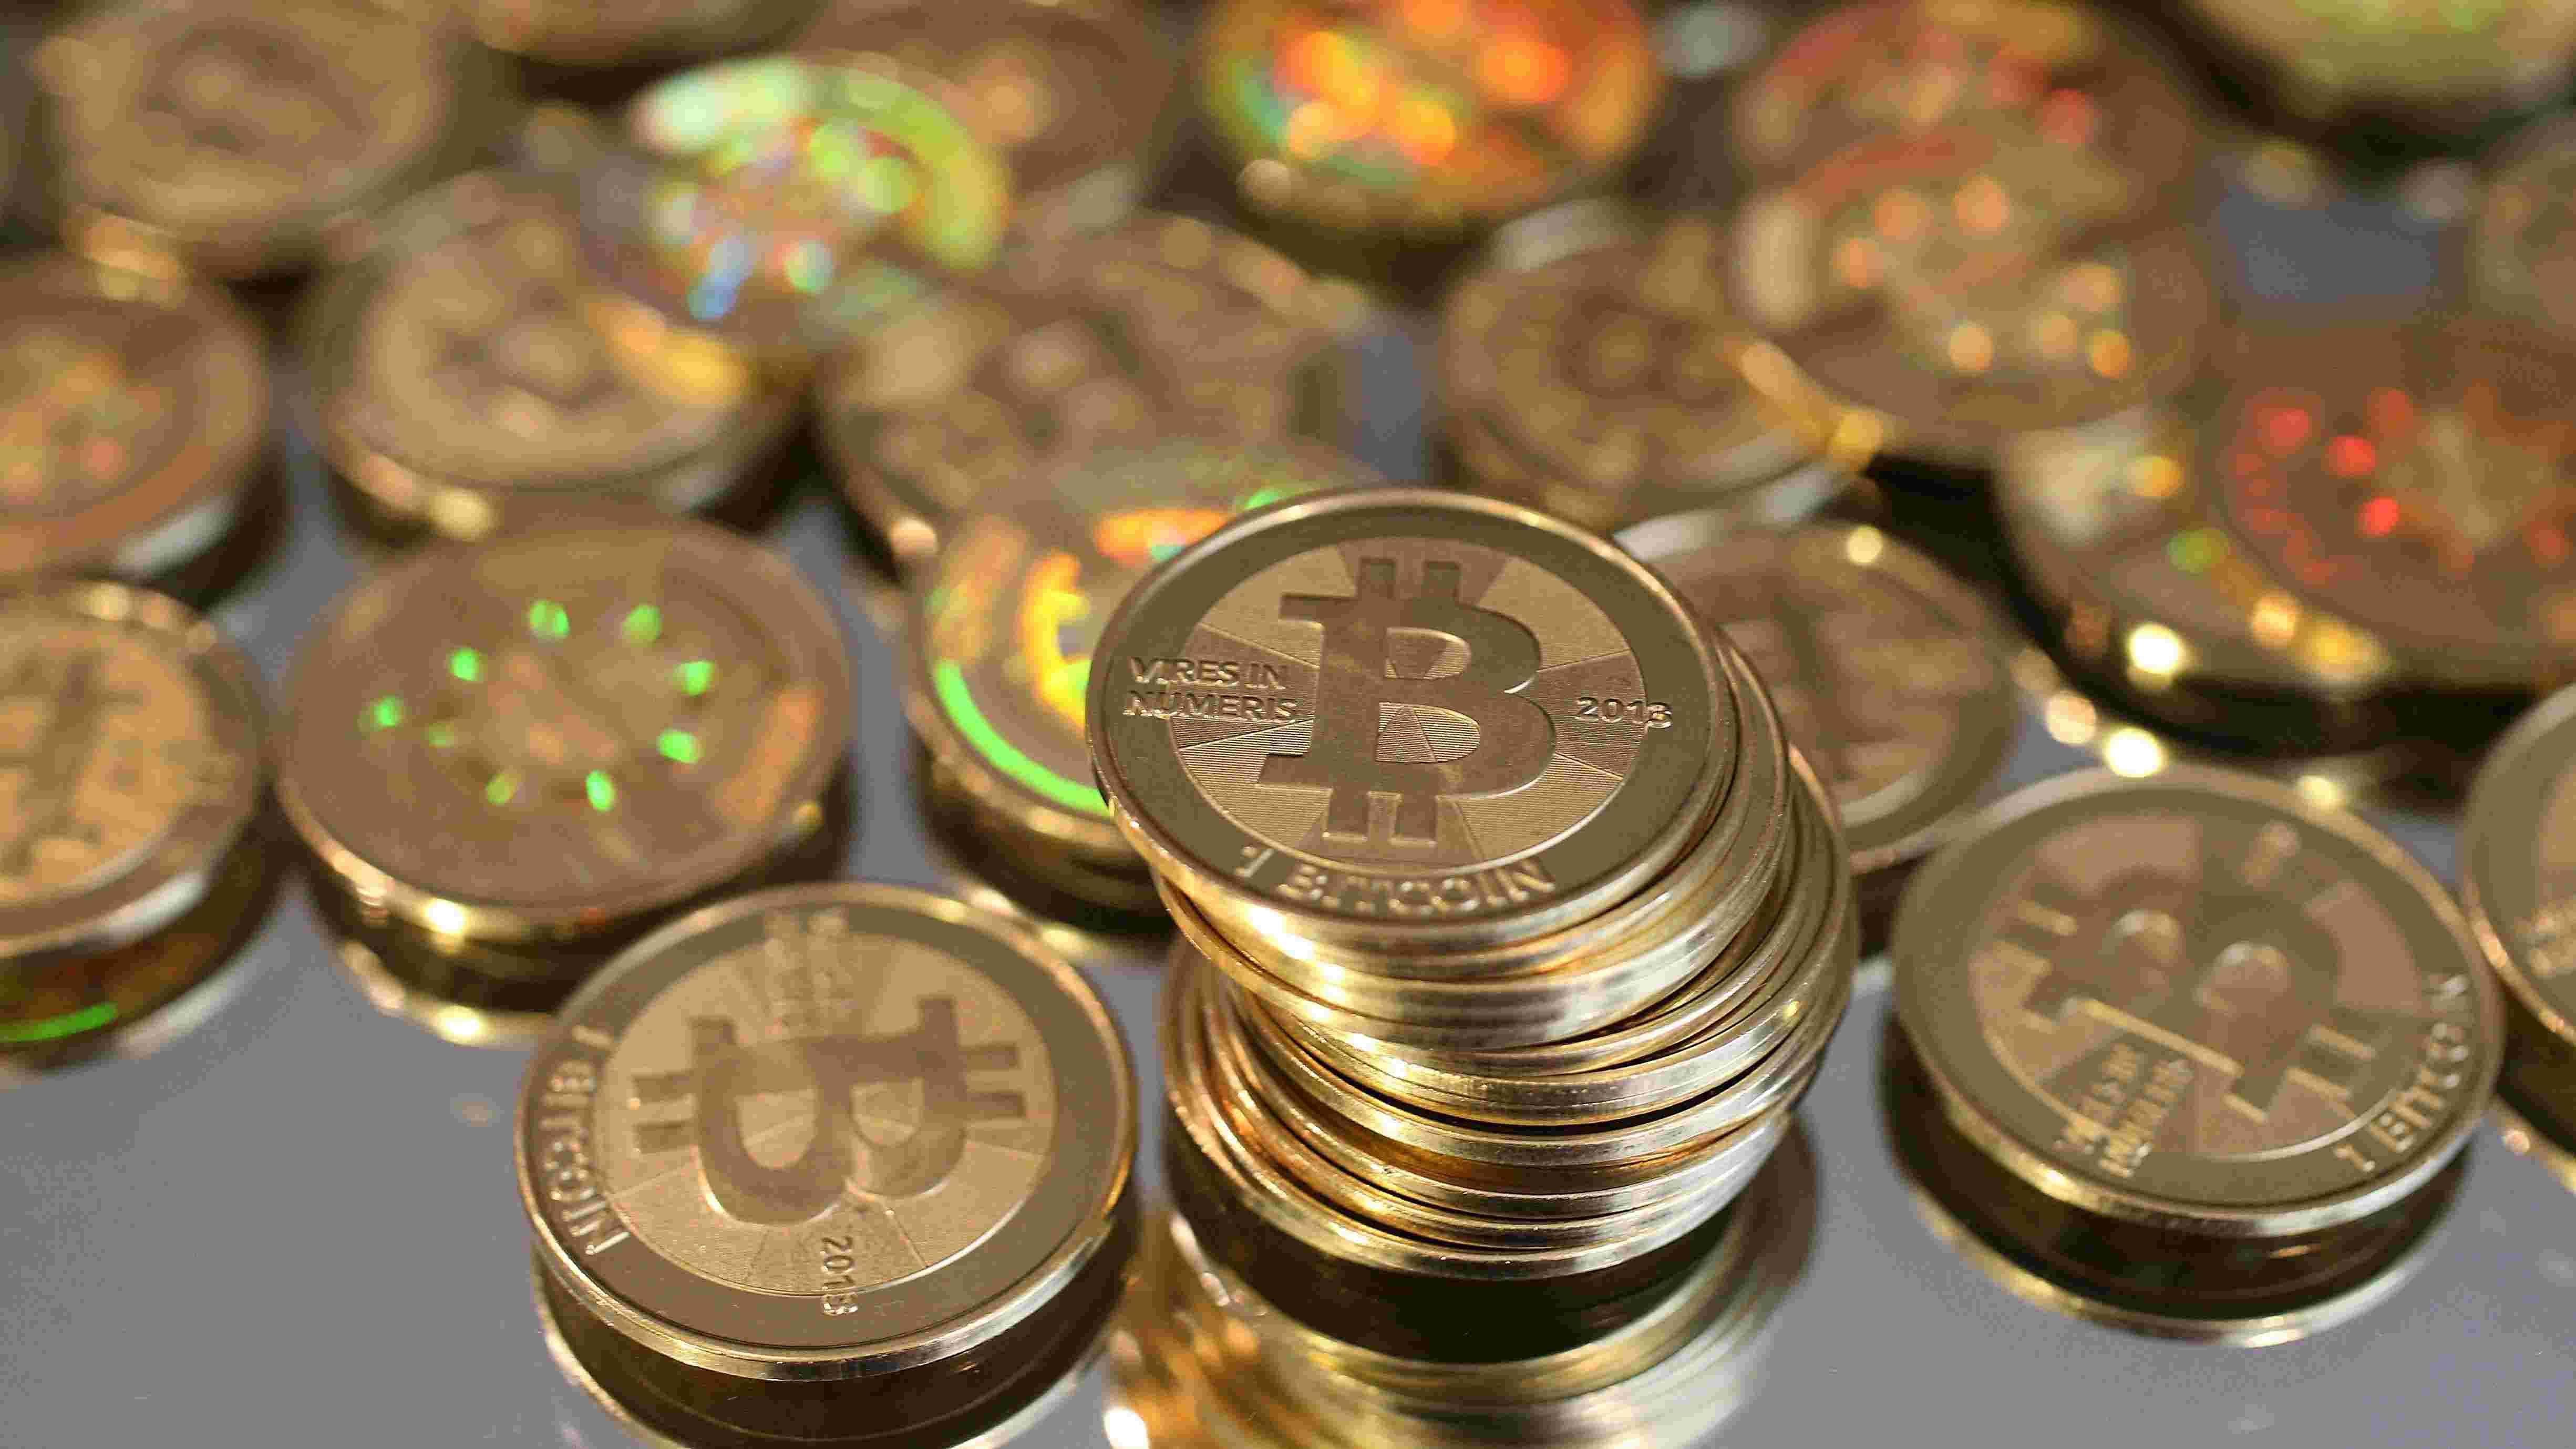 Monedele virtuale, considerate un pericol de majoritatea băncilor naționale